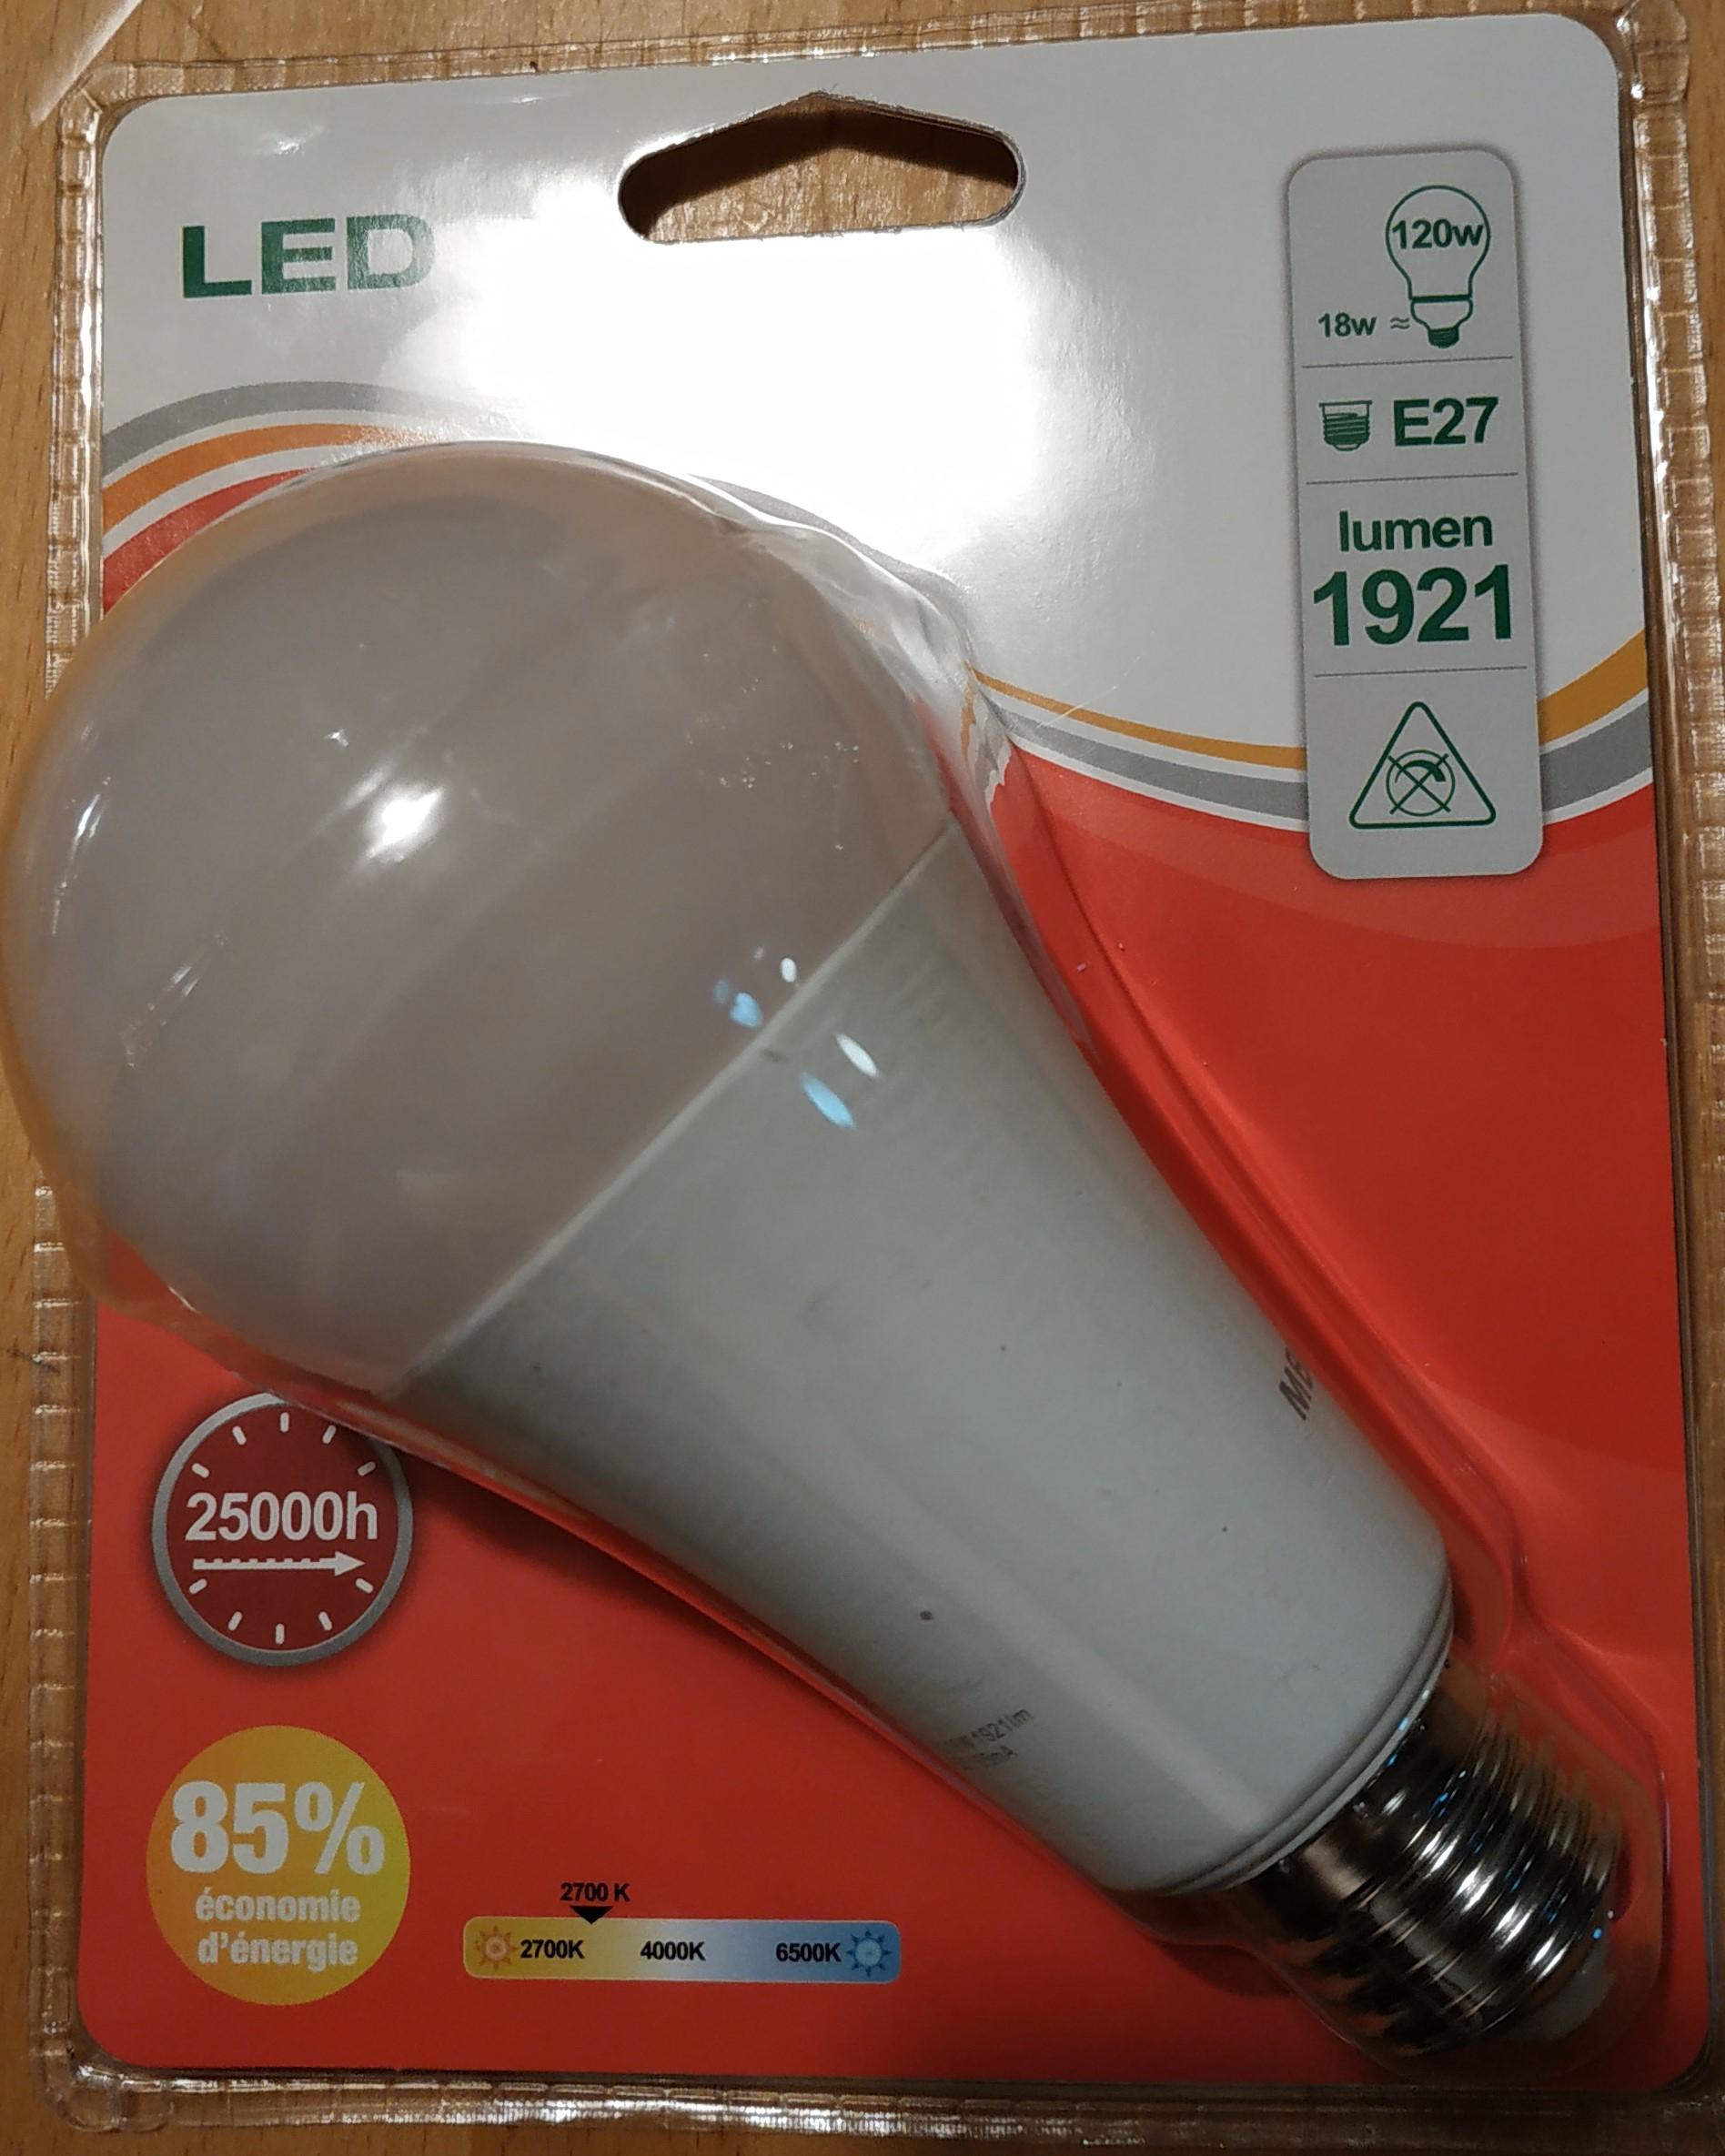 Divers ampoules LED à 2€ - Mr Bricolage Coulommiers (77)